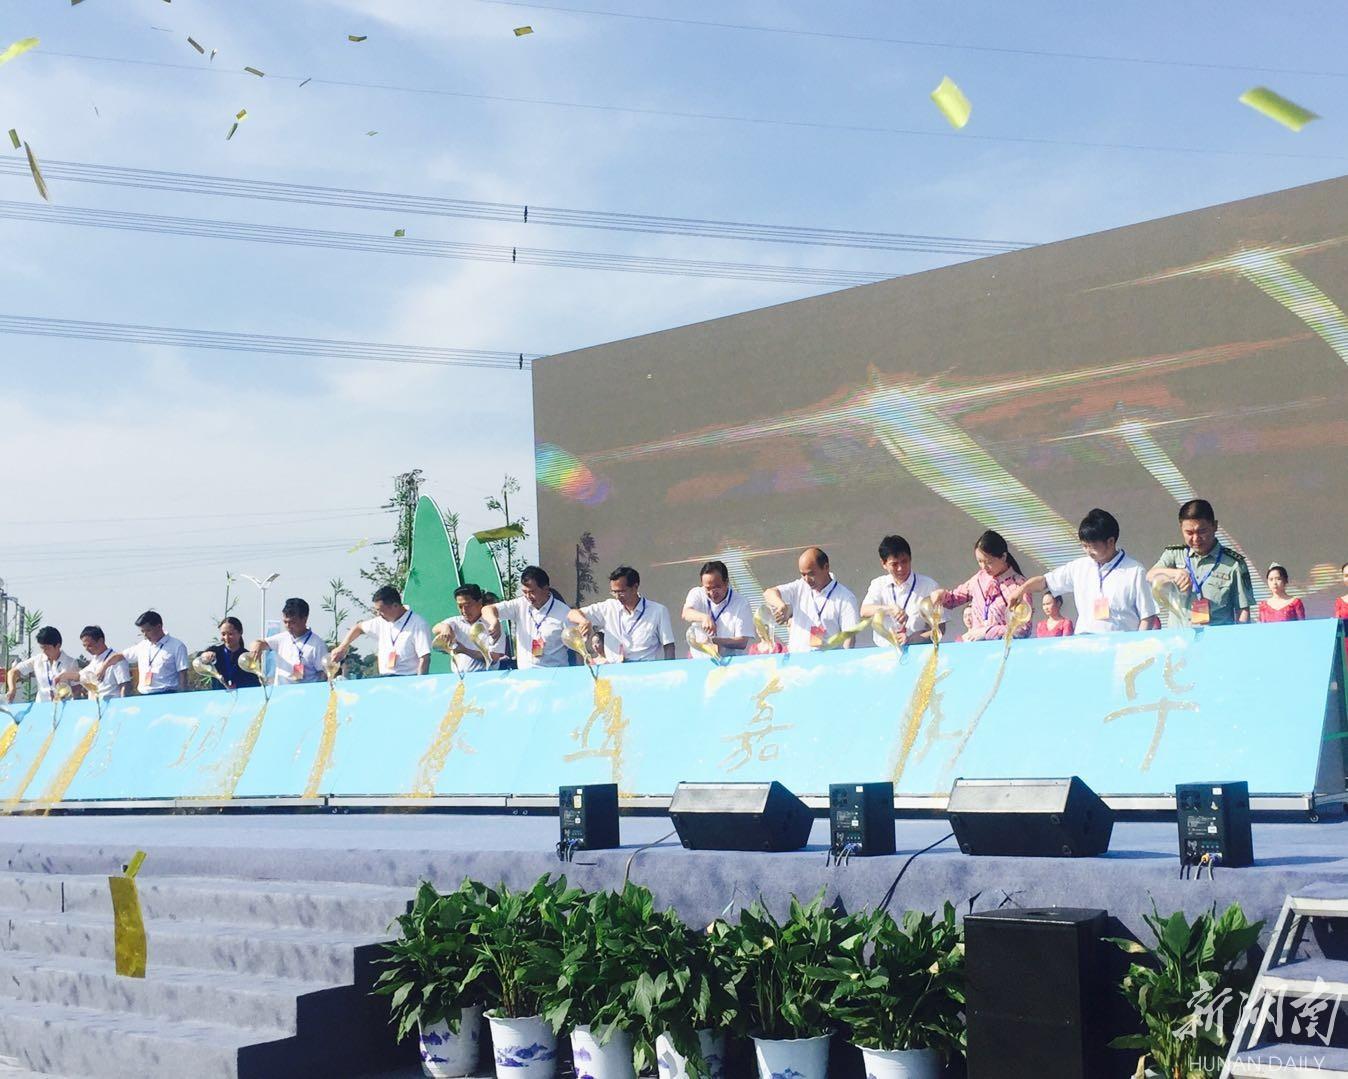 据了解,益阳现代农业嘉年华项目位于赫山区沧水铺镇碧云峰村,由赫山